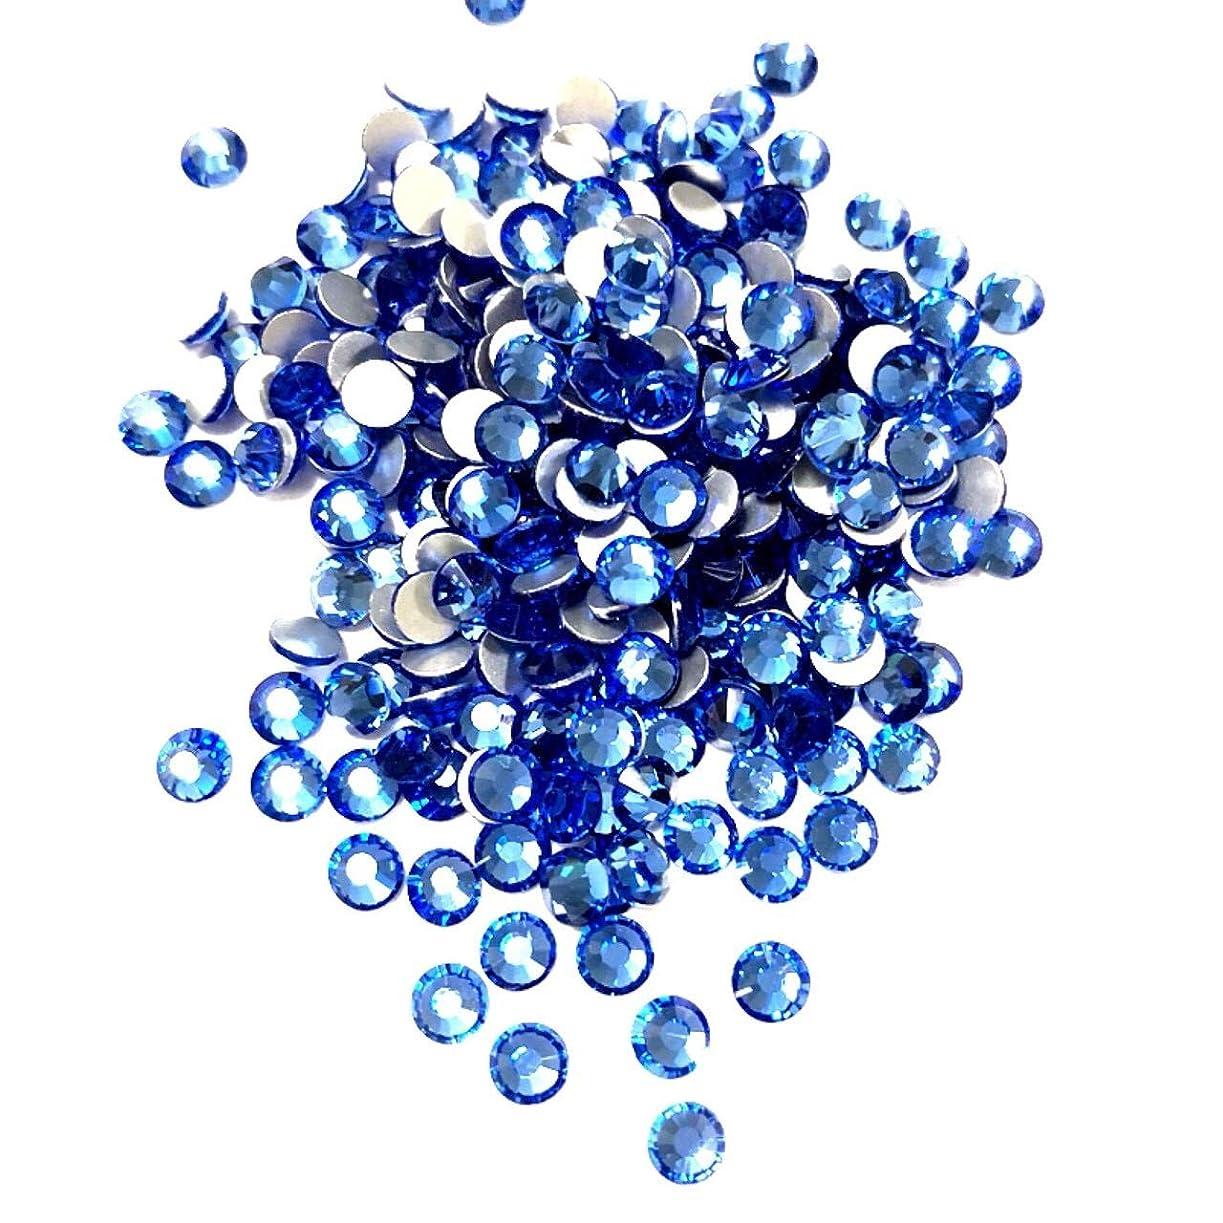 胚芽埋め込む目指す【ネイルウーマン】最高品質ガラスストーン!スワロ同等の輝き! ライトサファイア ブルー 水色 (約100粒入り) (ライトサファイア) (SS3, ライトサファイア)